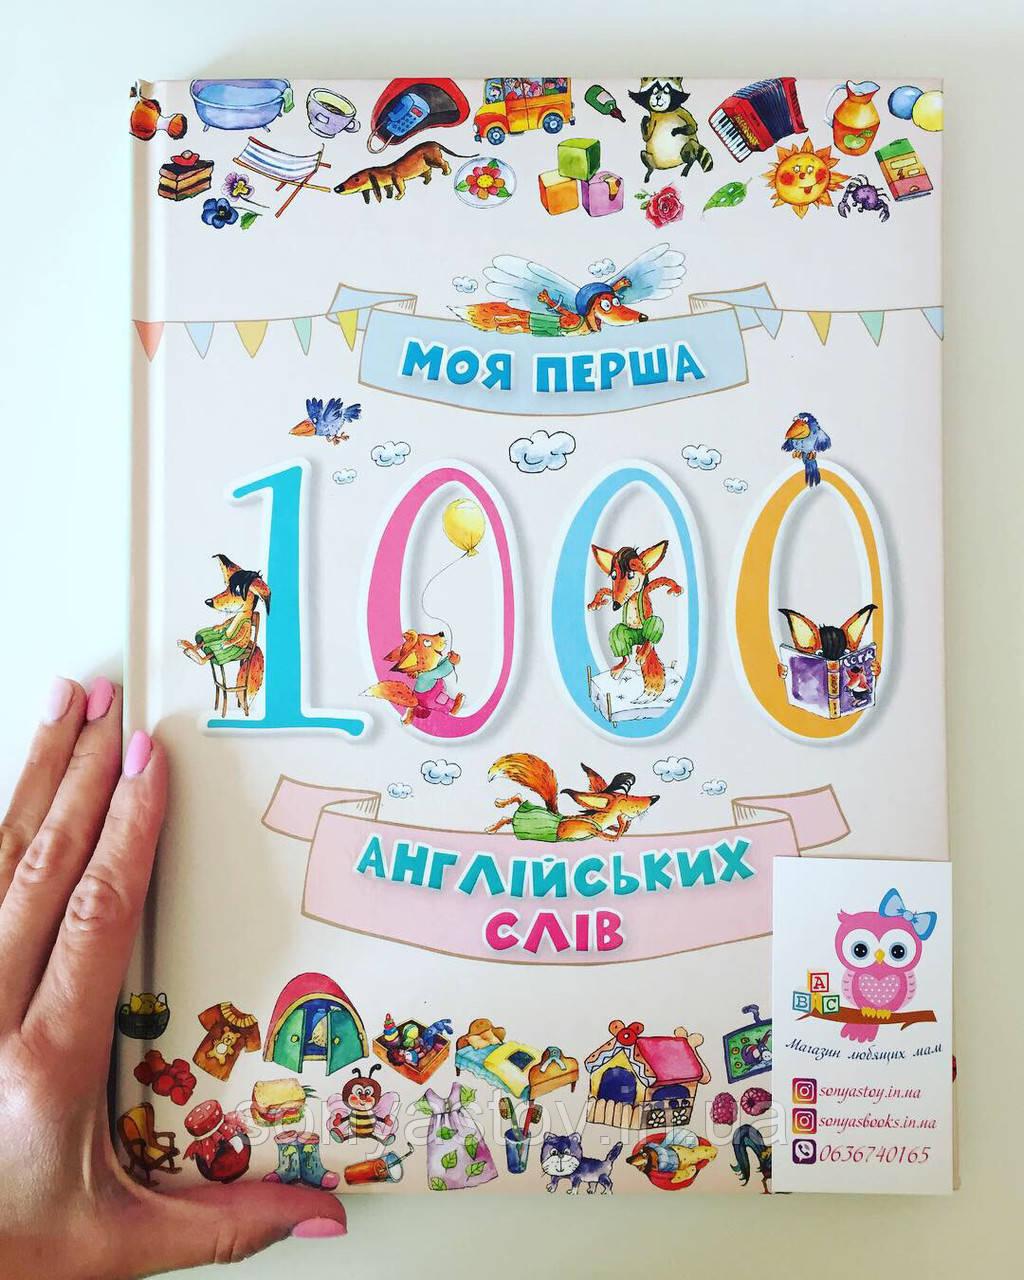 Книга Моя перша 1000 англійських слів, 3+